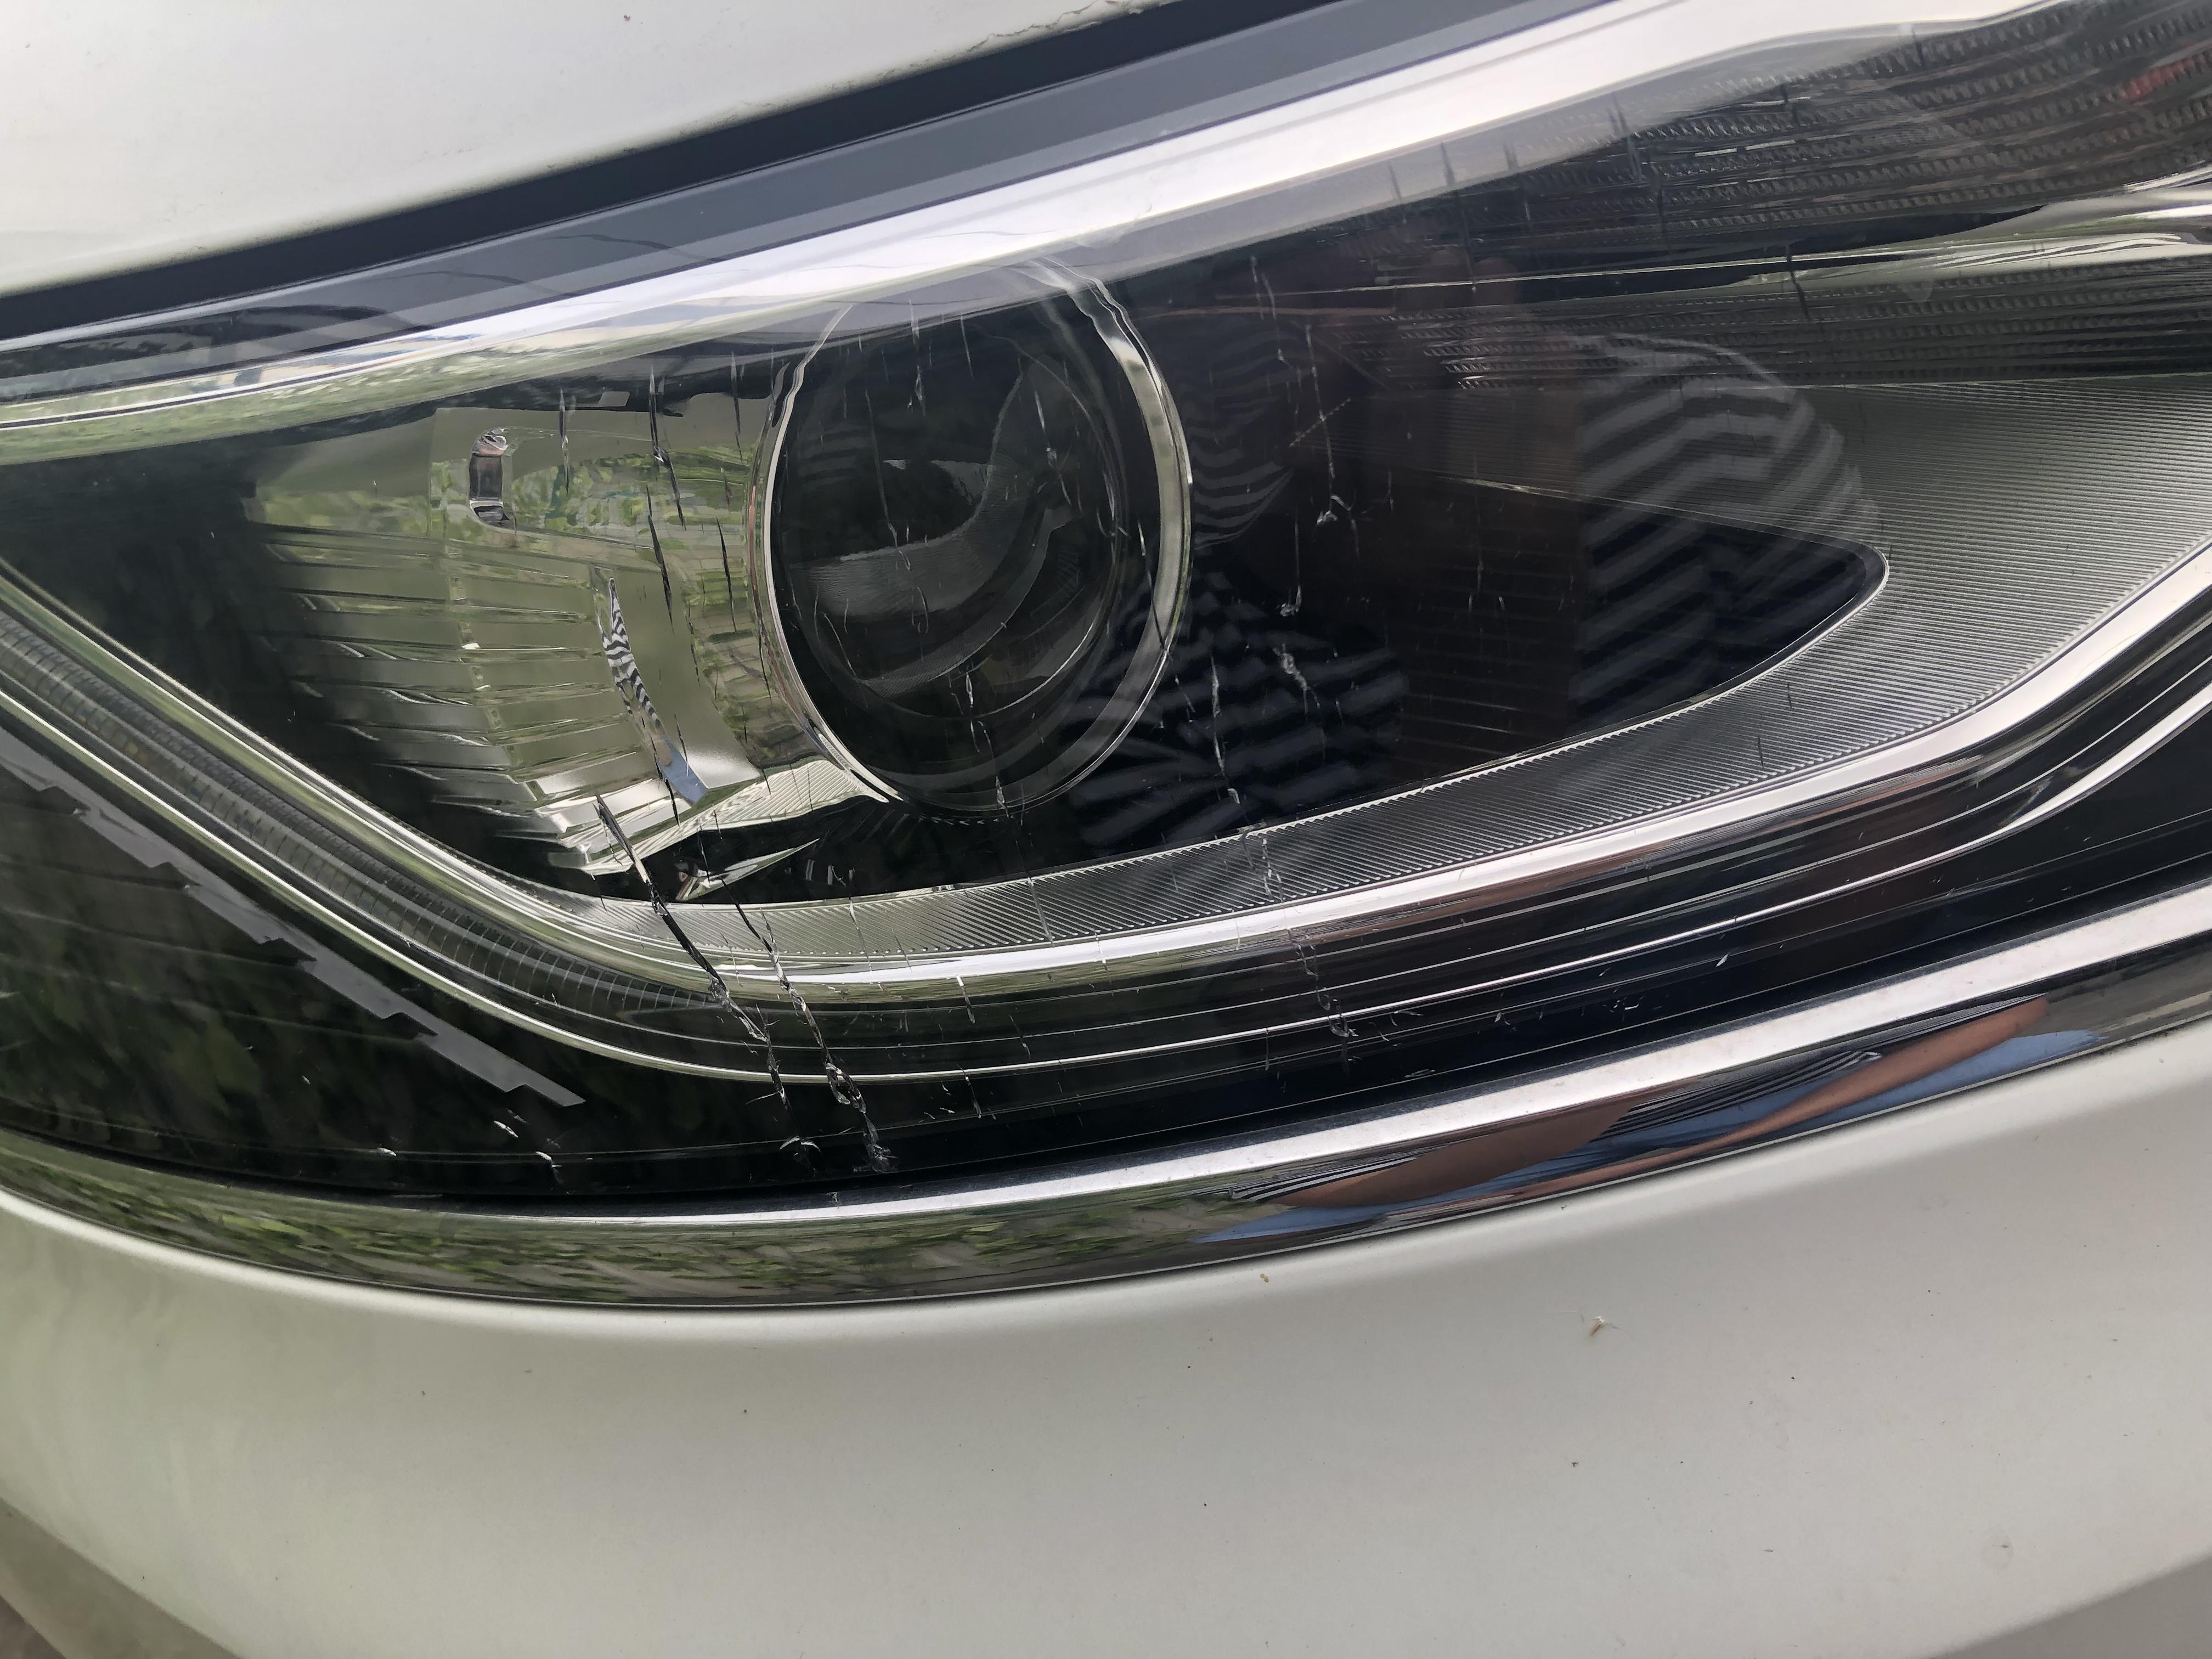 上海汽车-荣威i6 车灯罩子破裂